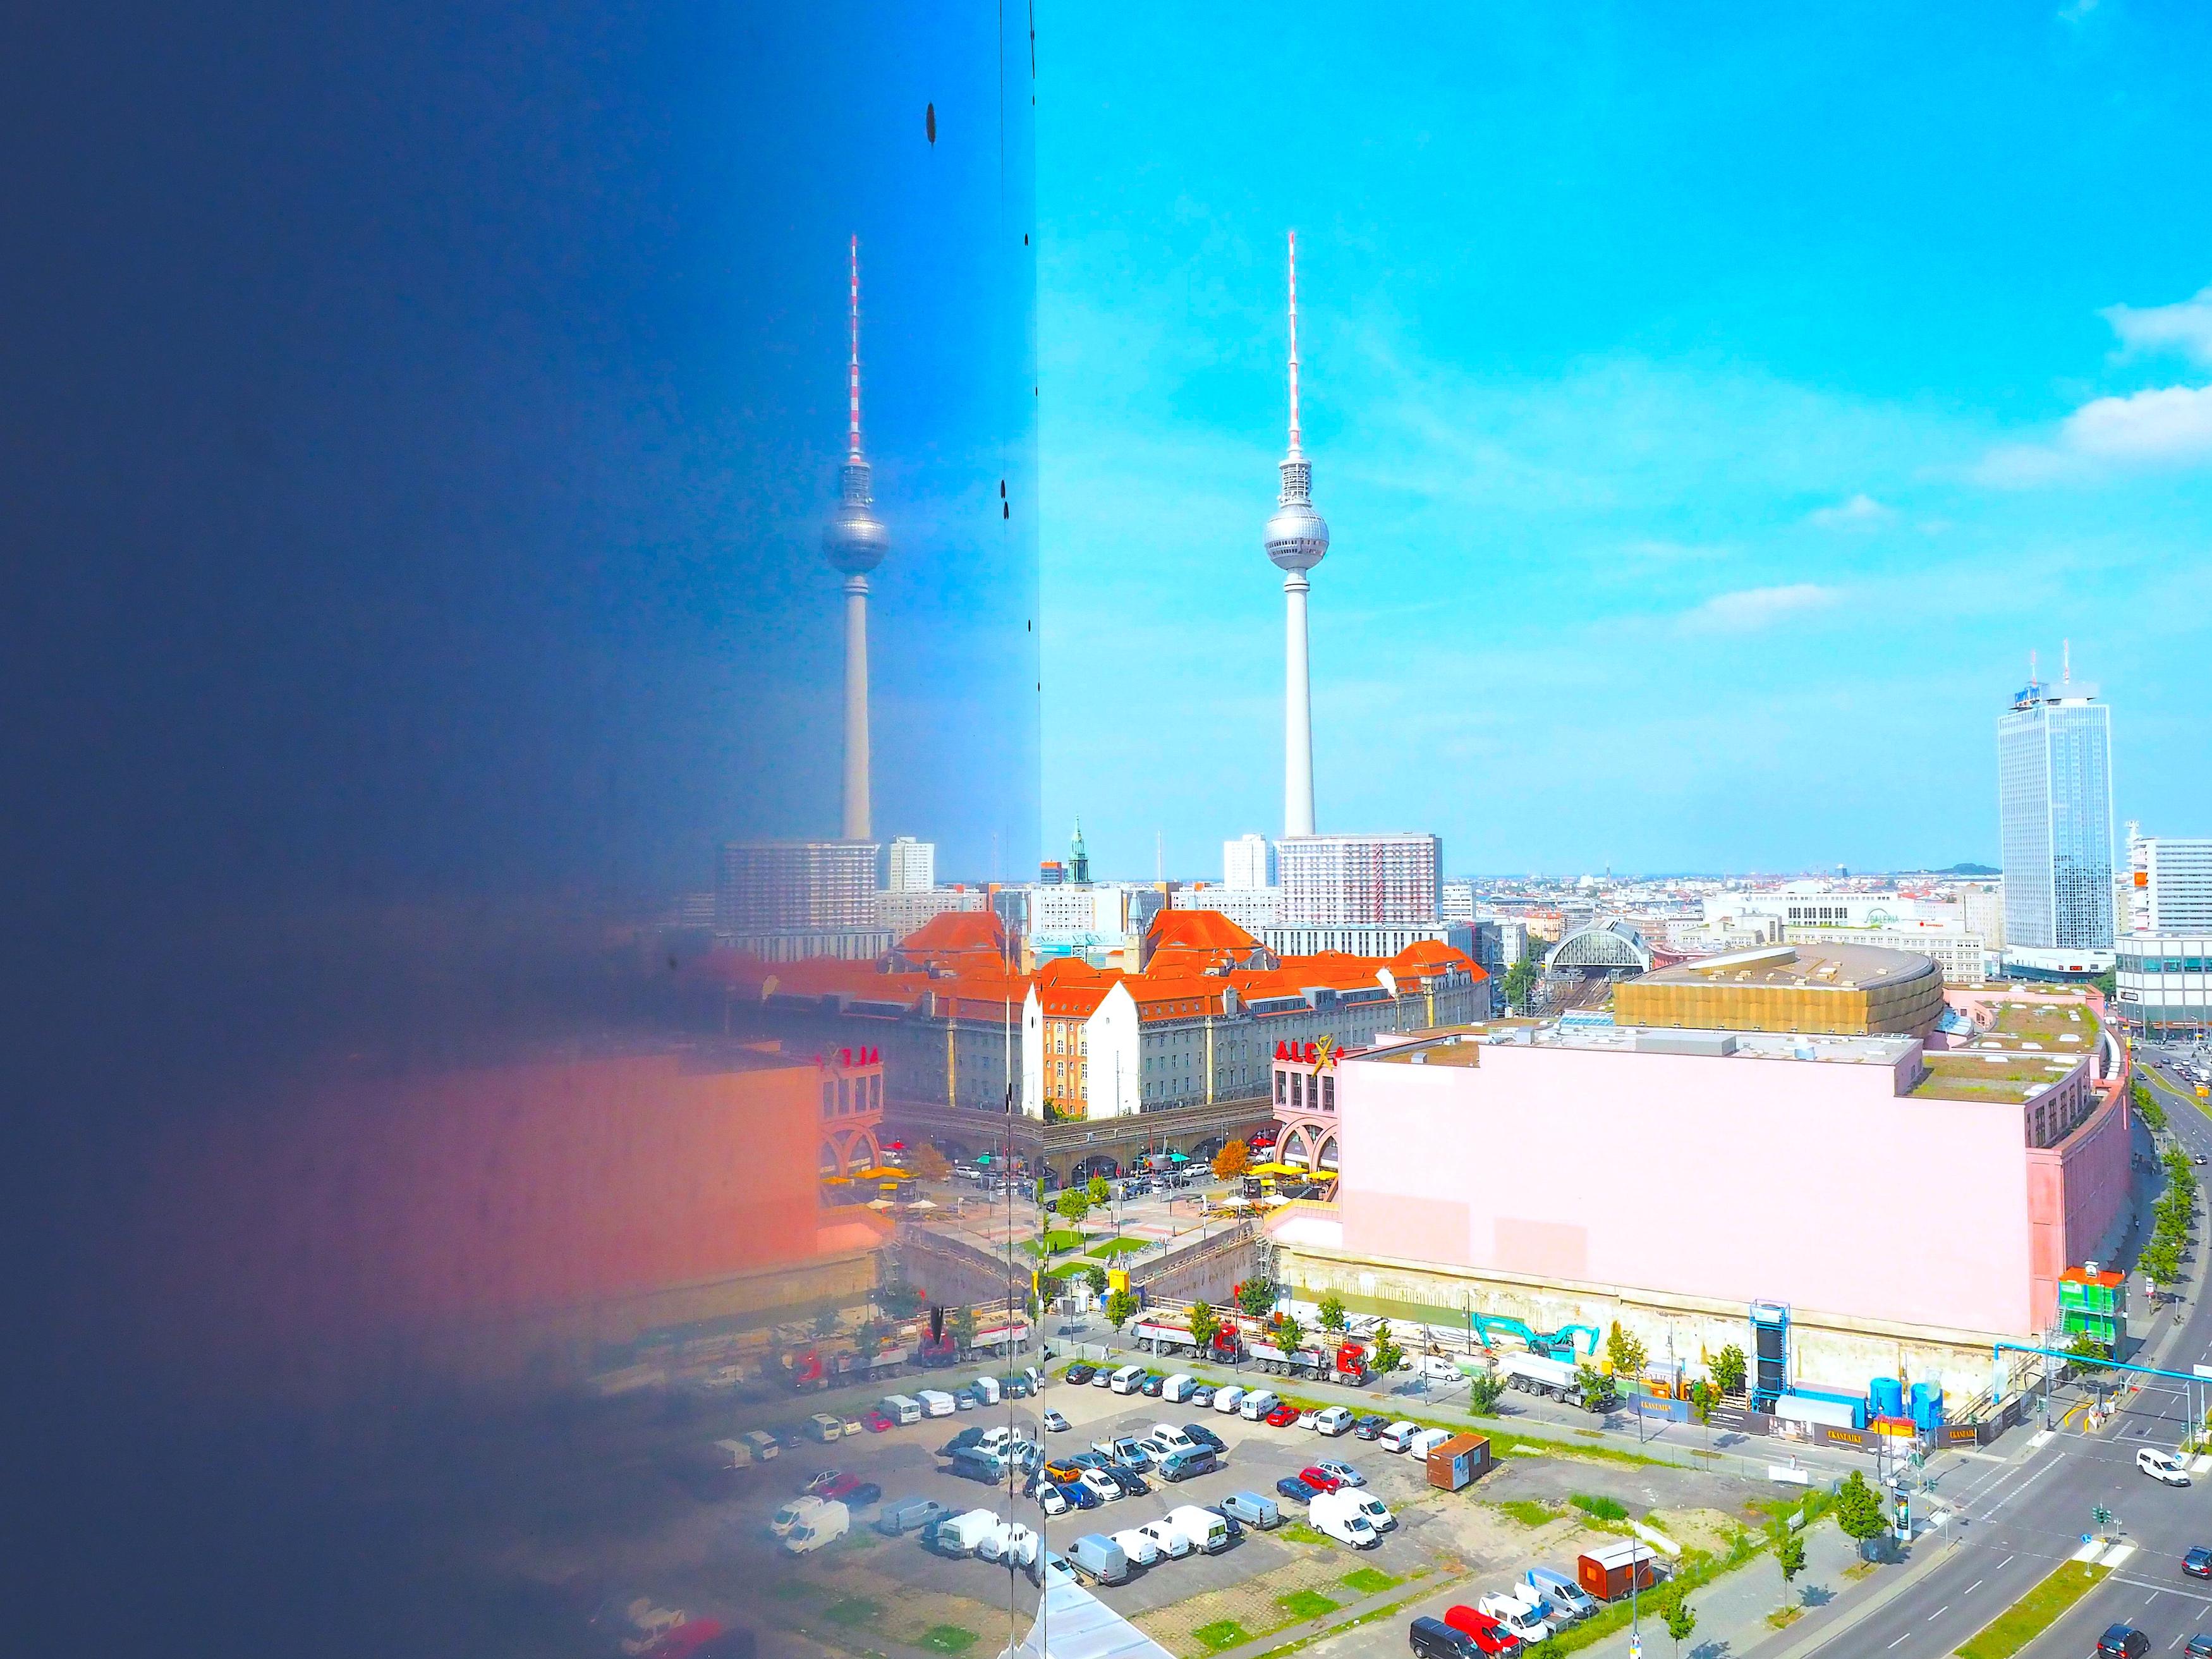 Berlin Mitte, Eigemtumswohnung Preis 160.000 Euro